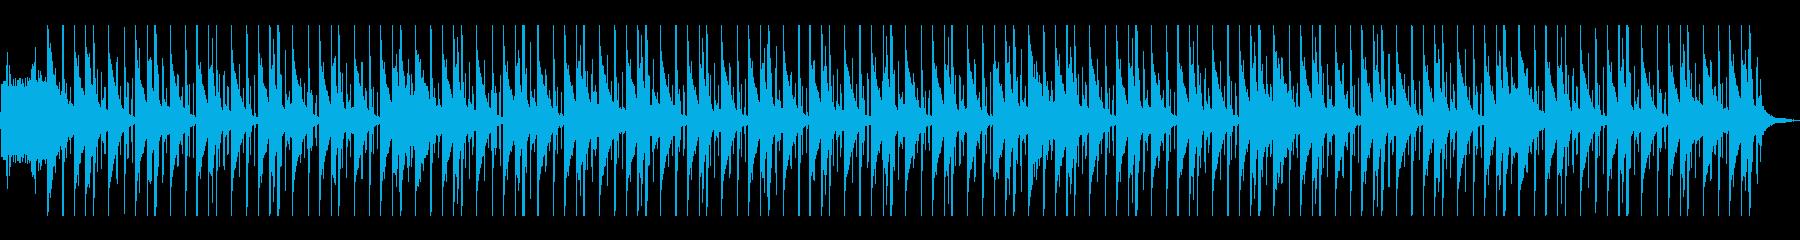 パーカッション4ヘビーラップ、SF...の再生済みの波形